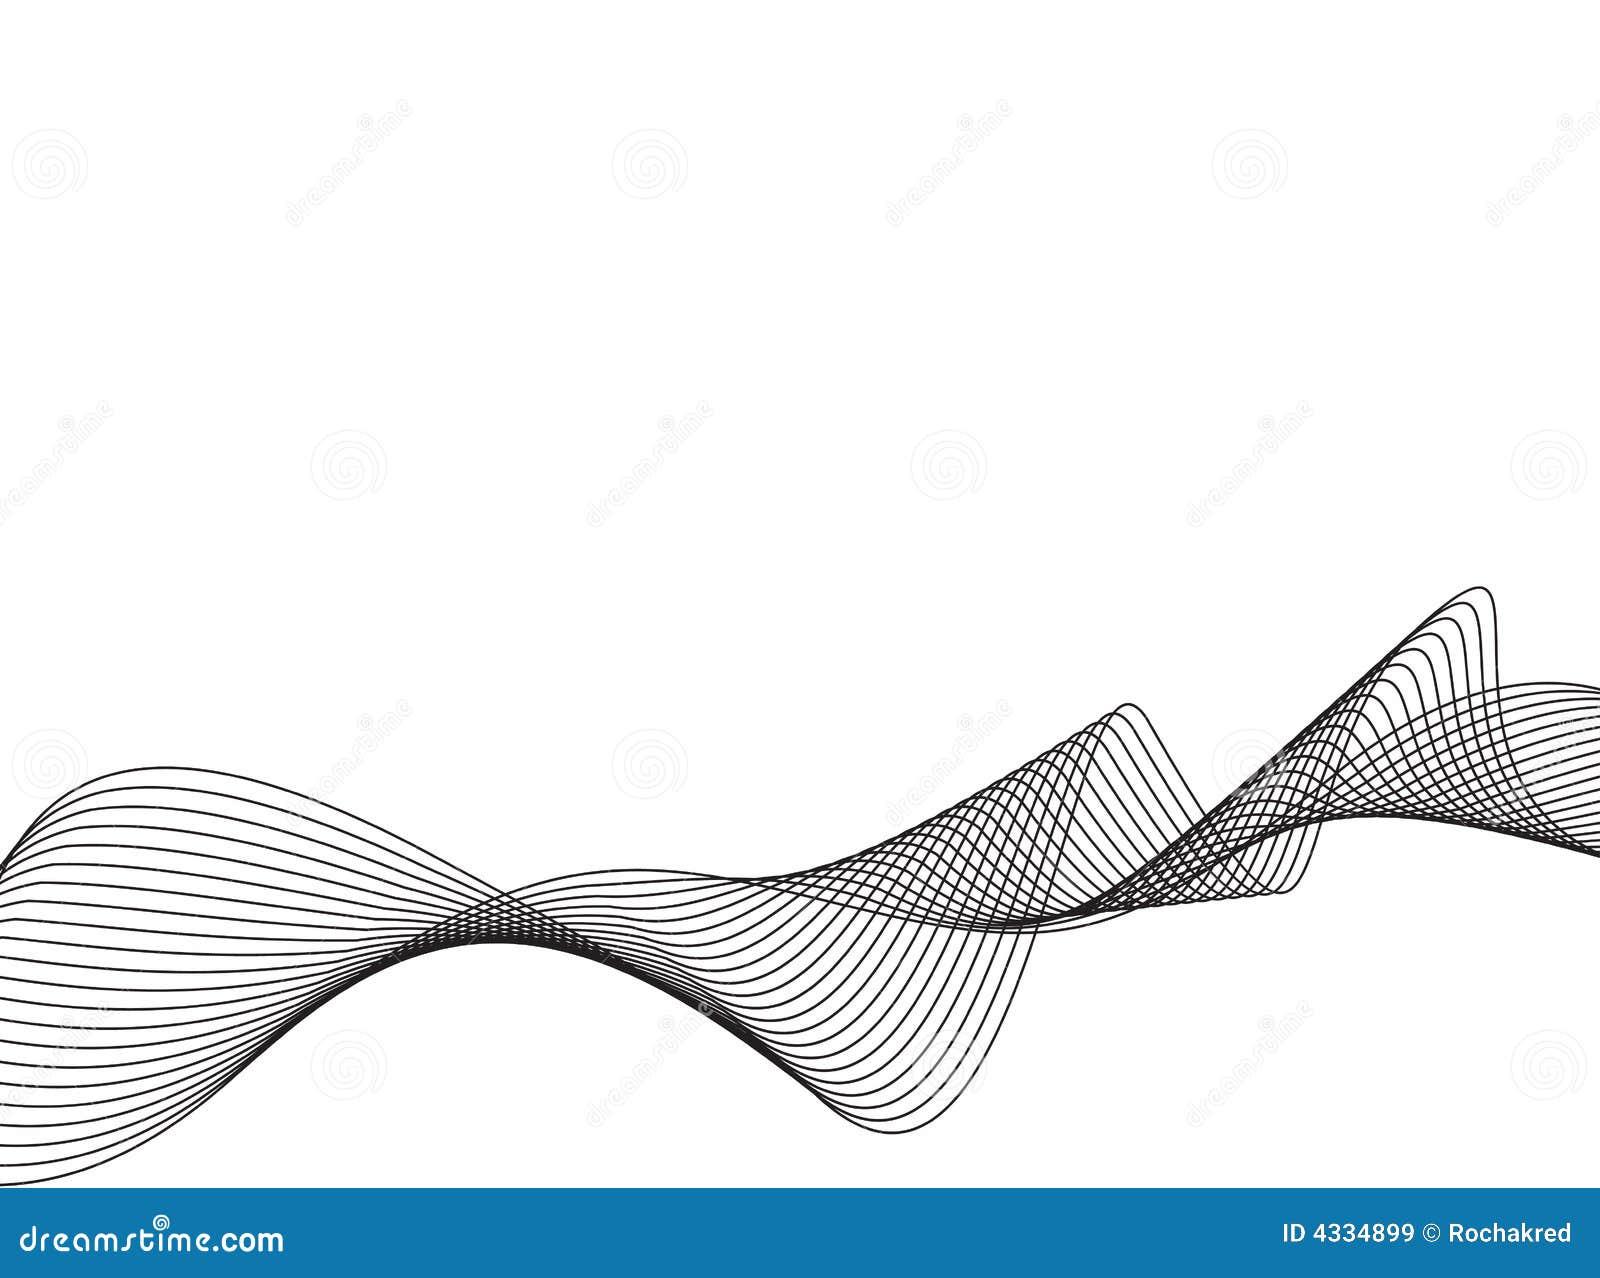 Vector Drawing Lines Libgdx : Linha ondas do vetor da arte ilustração